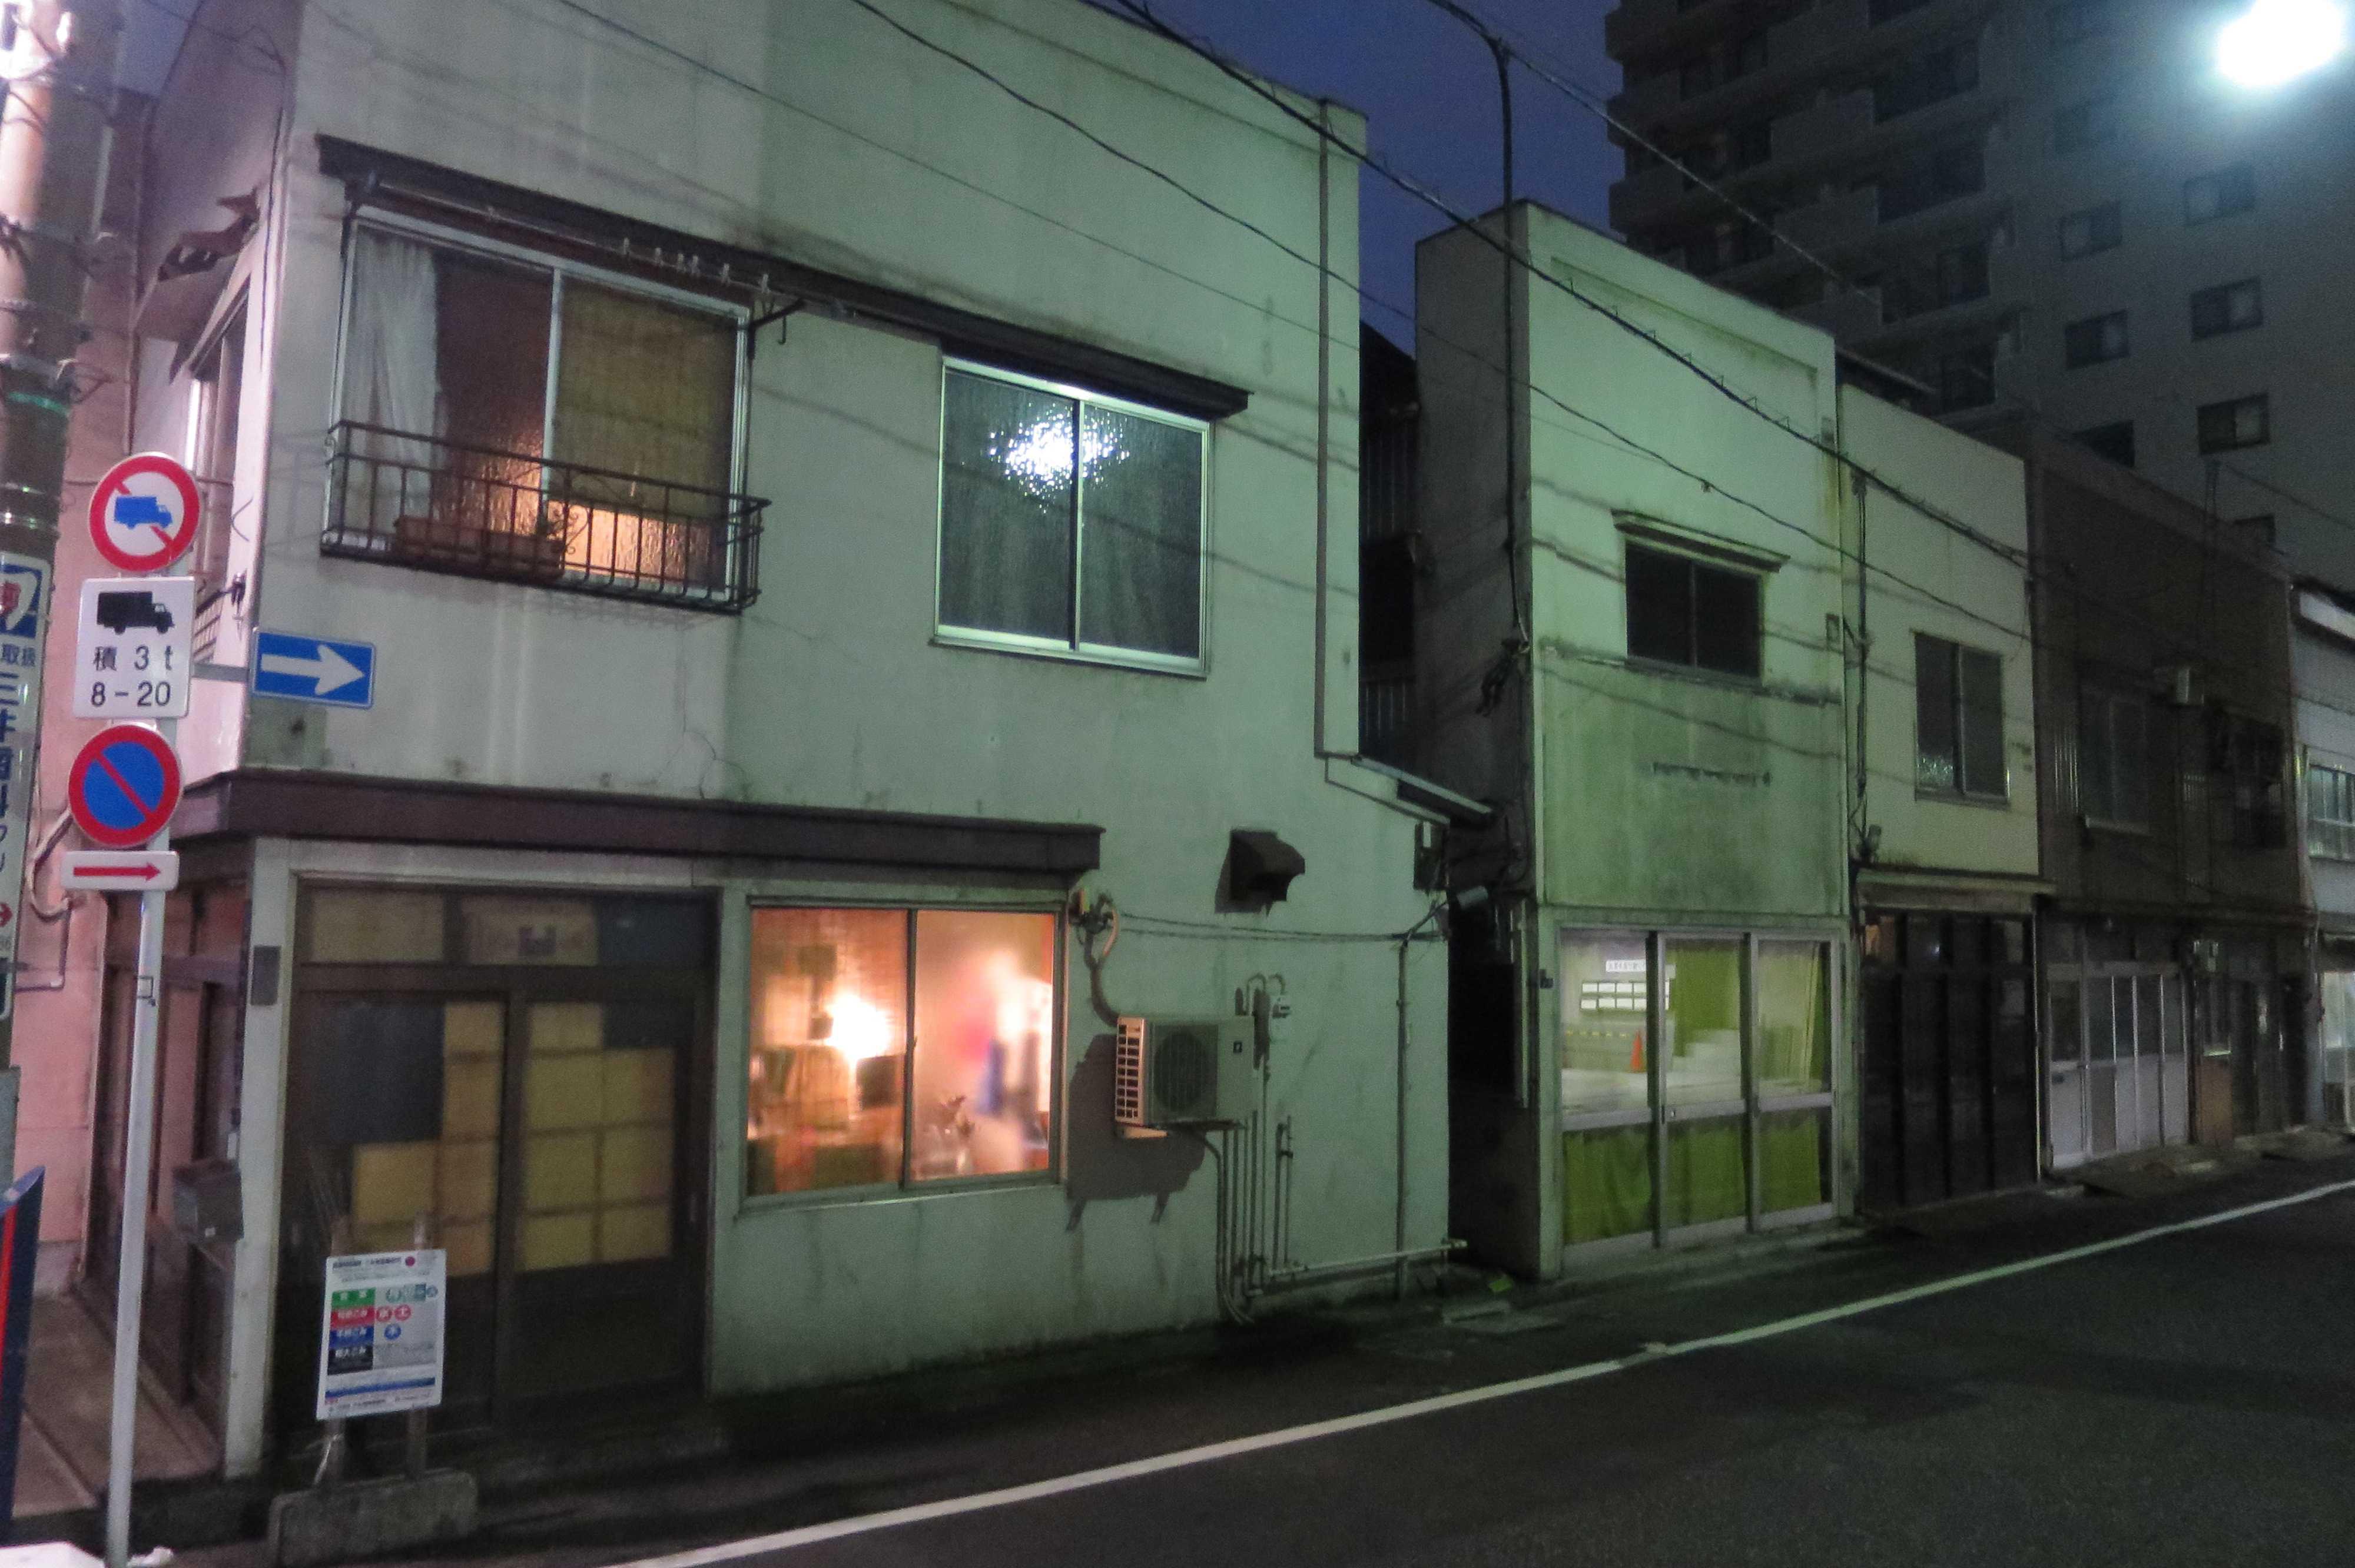 築地エリア - オレンジ色の窓明かり